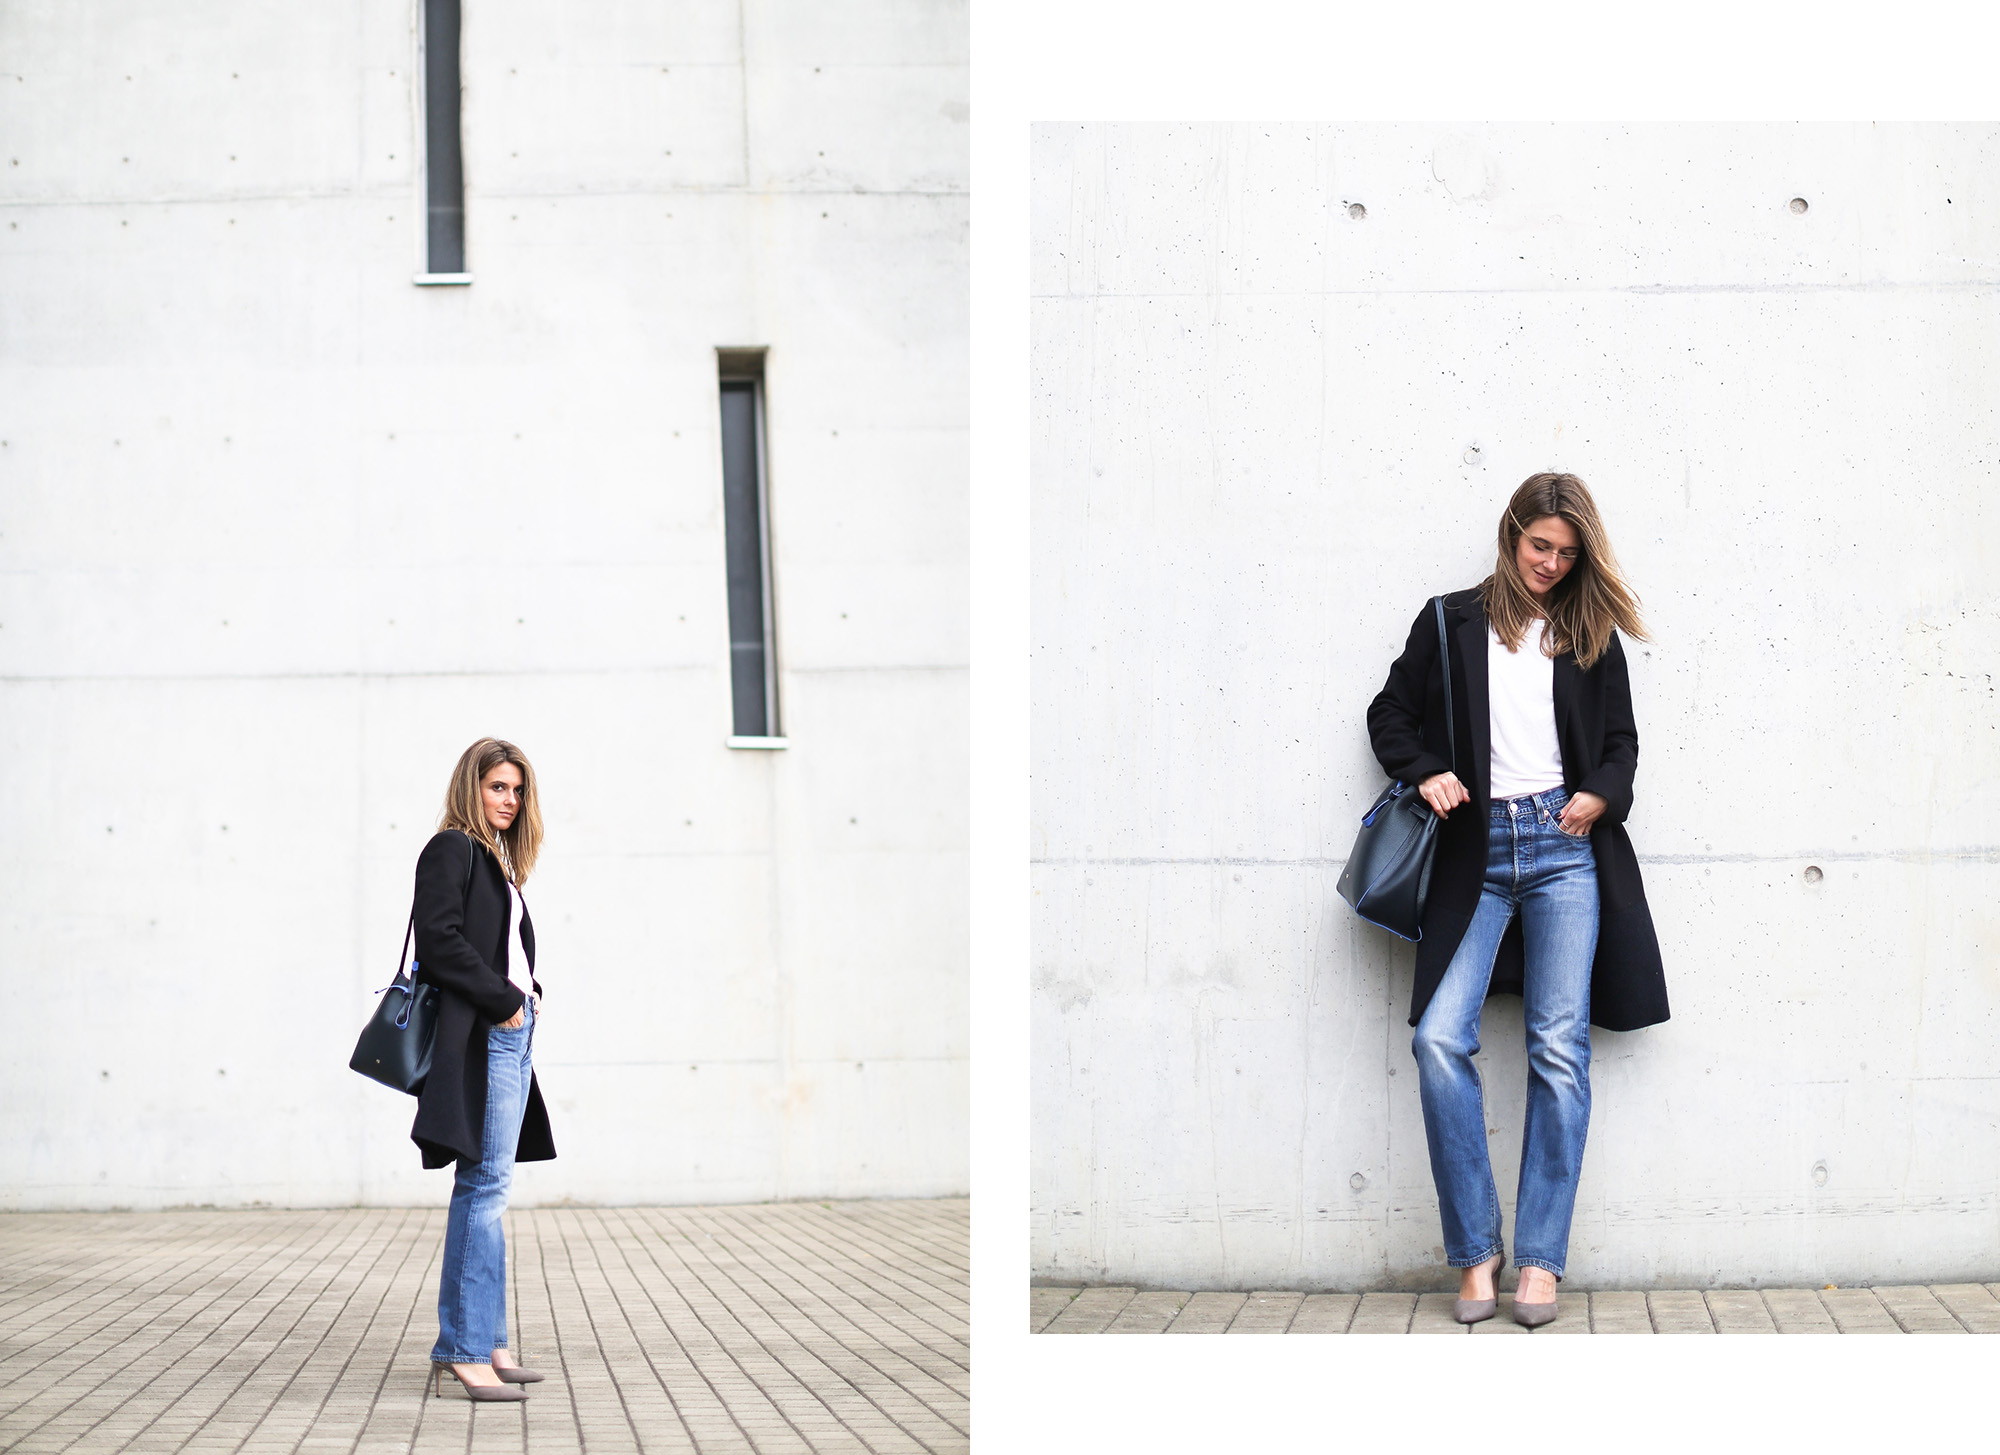 Clochet_streetstyle_levis_501_vintage_cos_coat_purificacion_garcia_bolso_saco-24